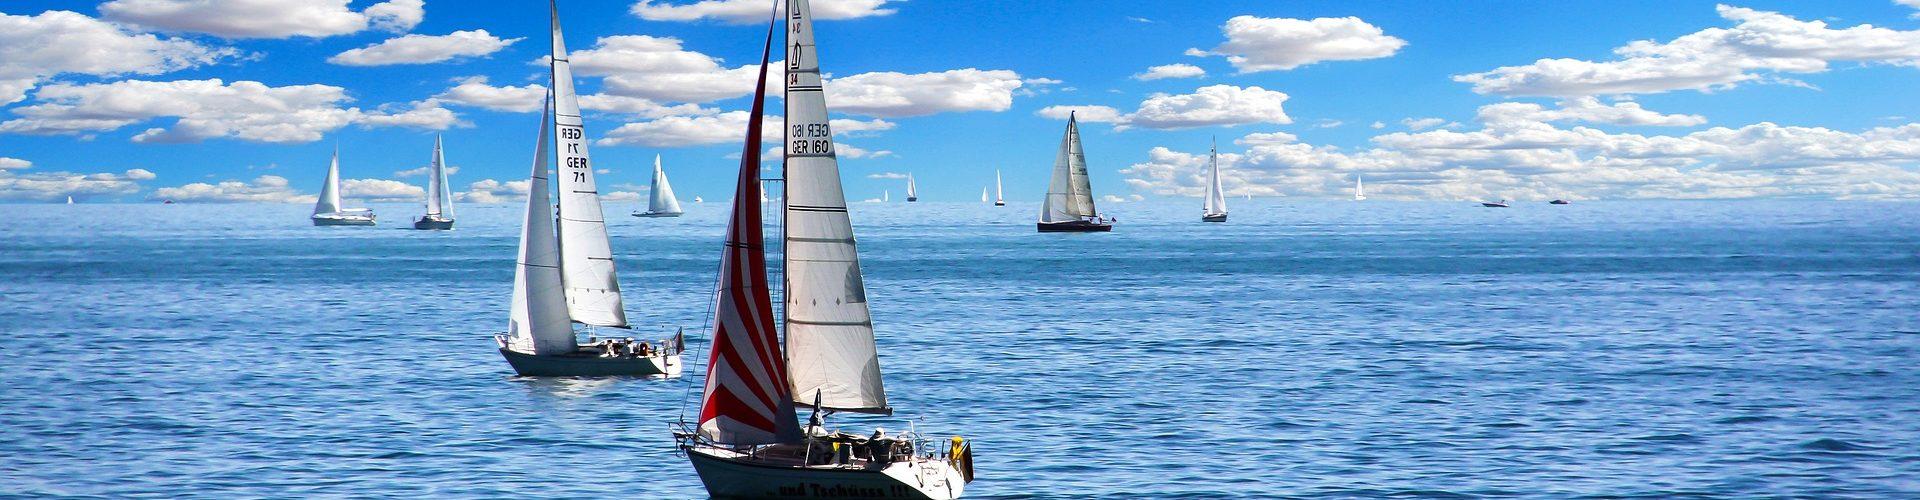 segeln lernen in Werder segelschein machen in Werder 1920x500 - Segeln lernen in Werder